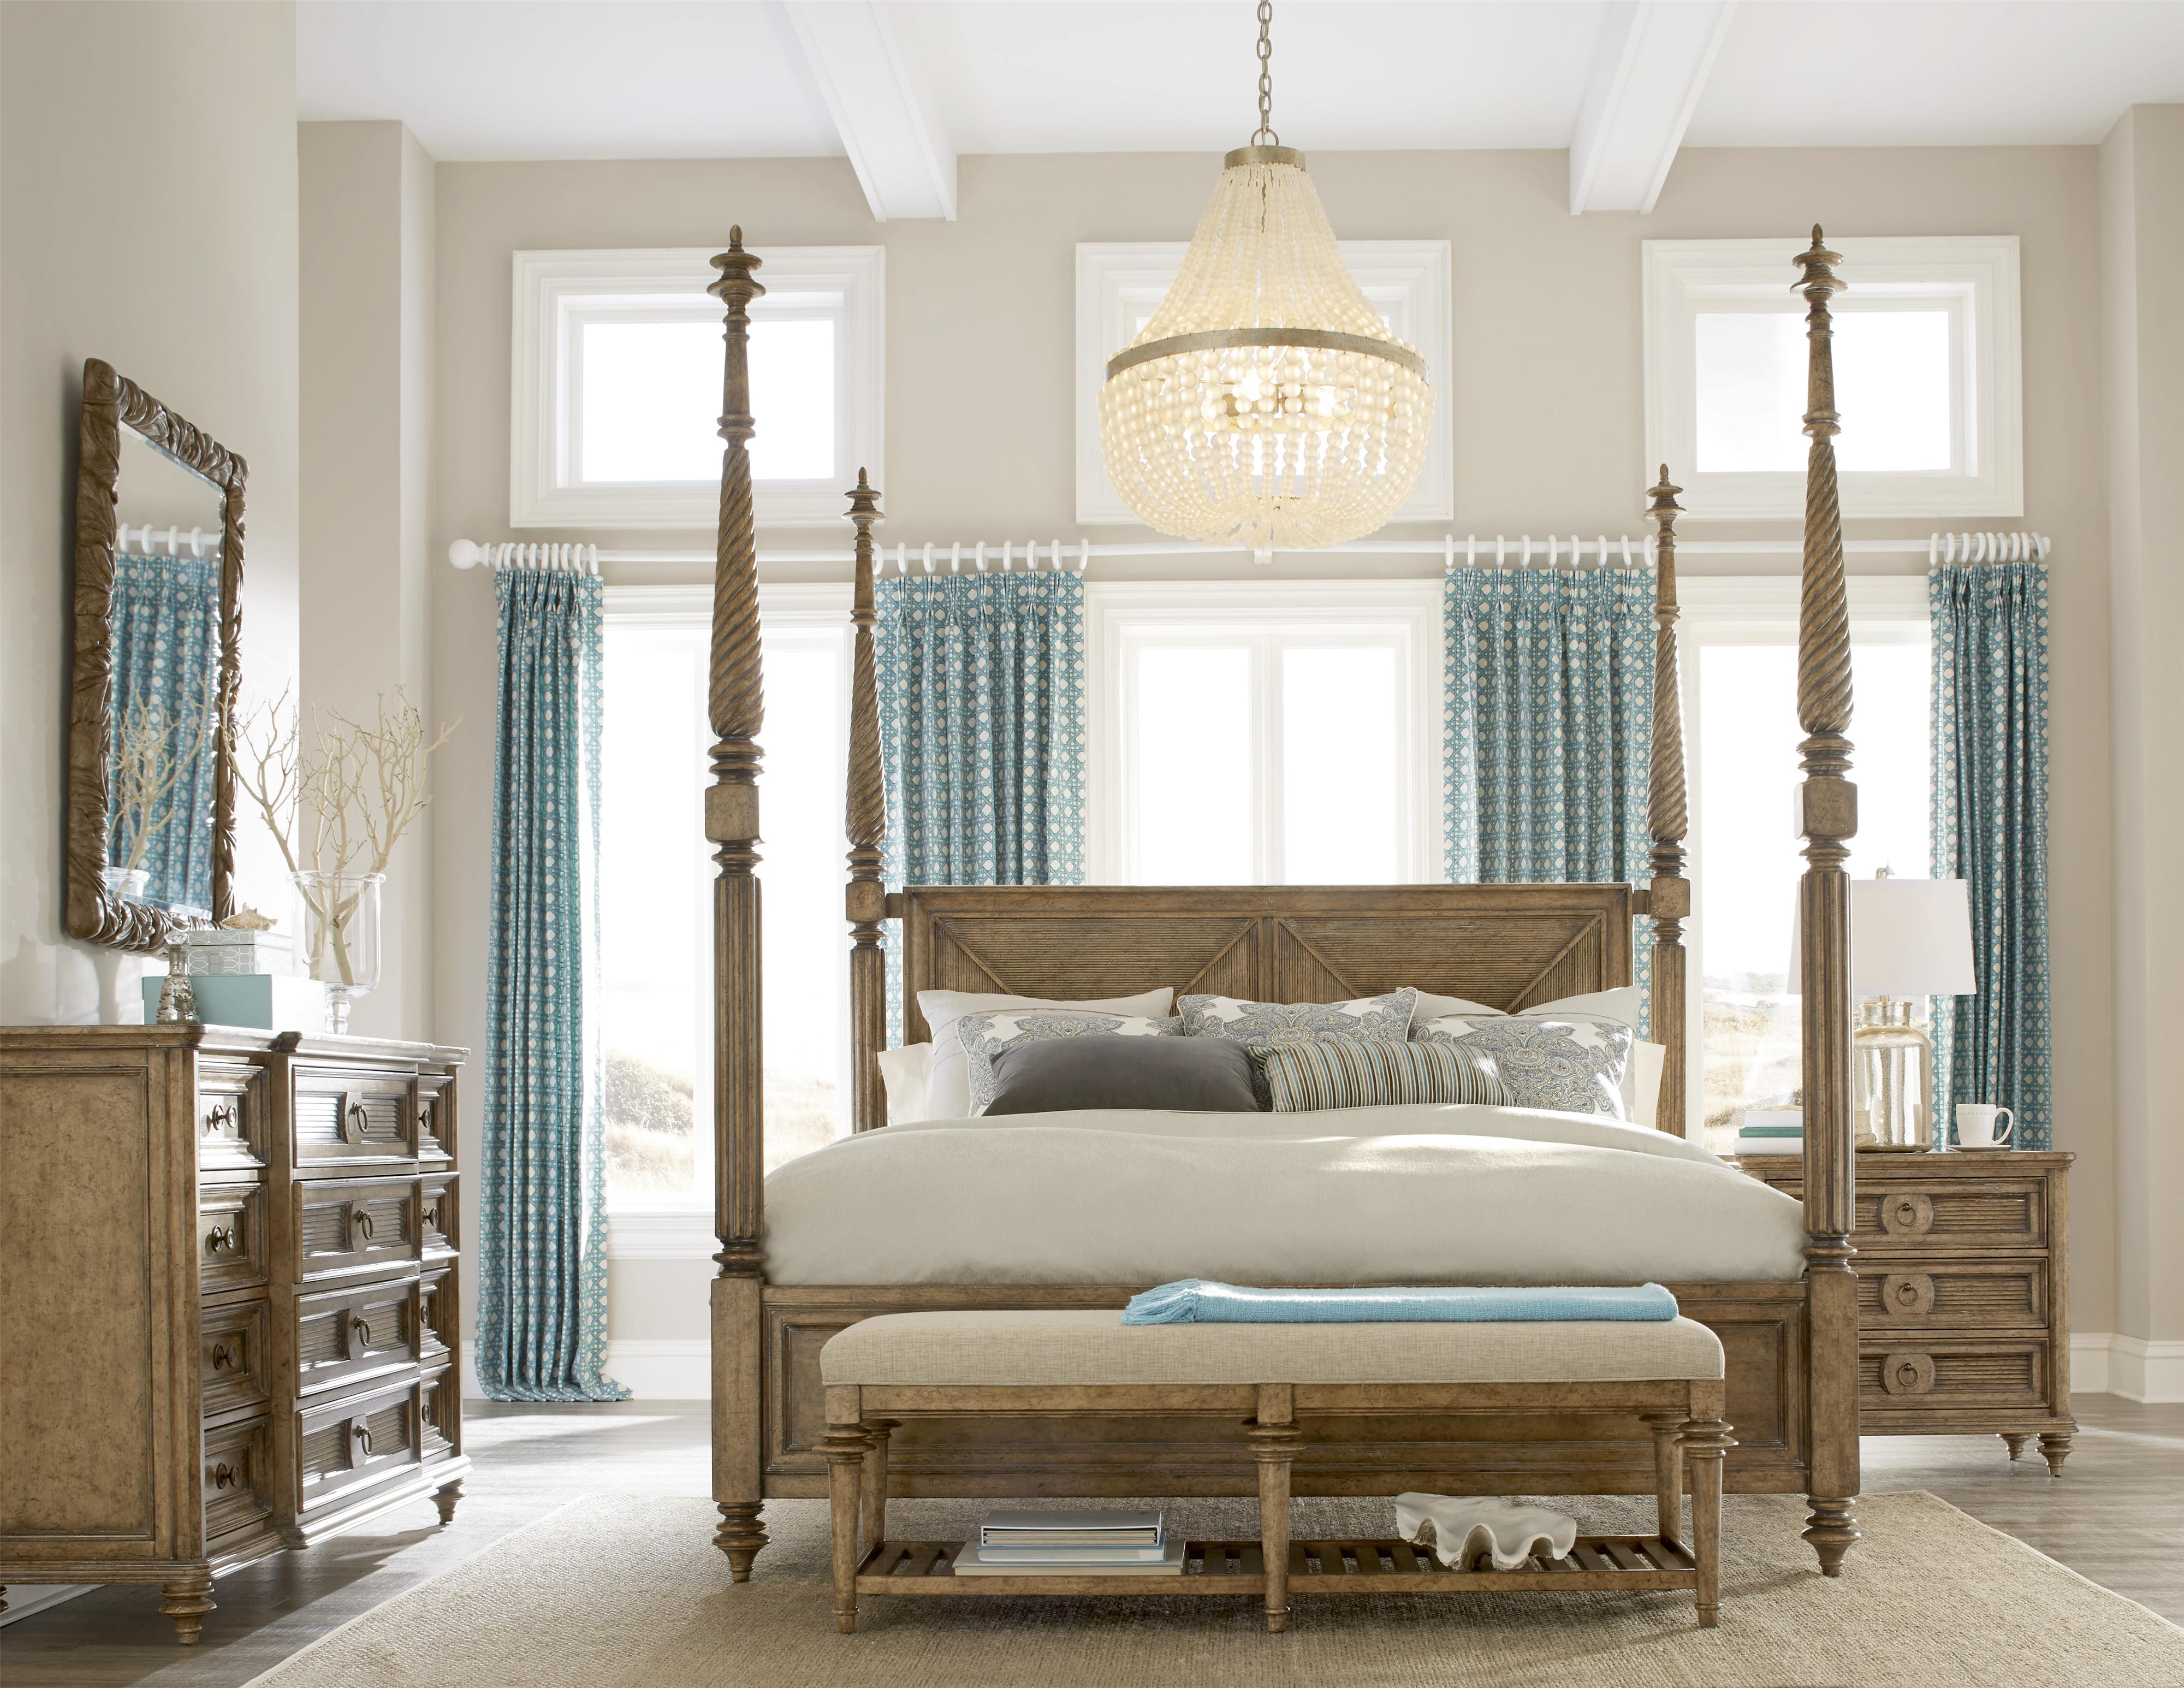 A.R.T. Furniture Inc Pavilion King Bedroom Group - Item Number: 229000-2608 K Bedroom Group 5